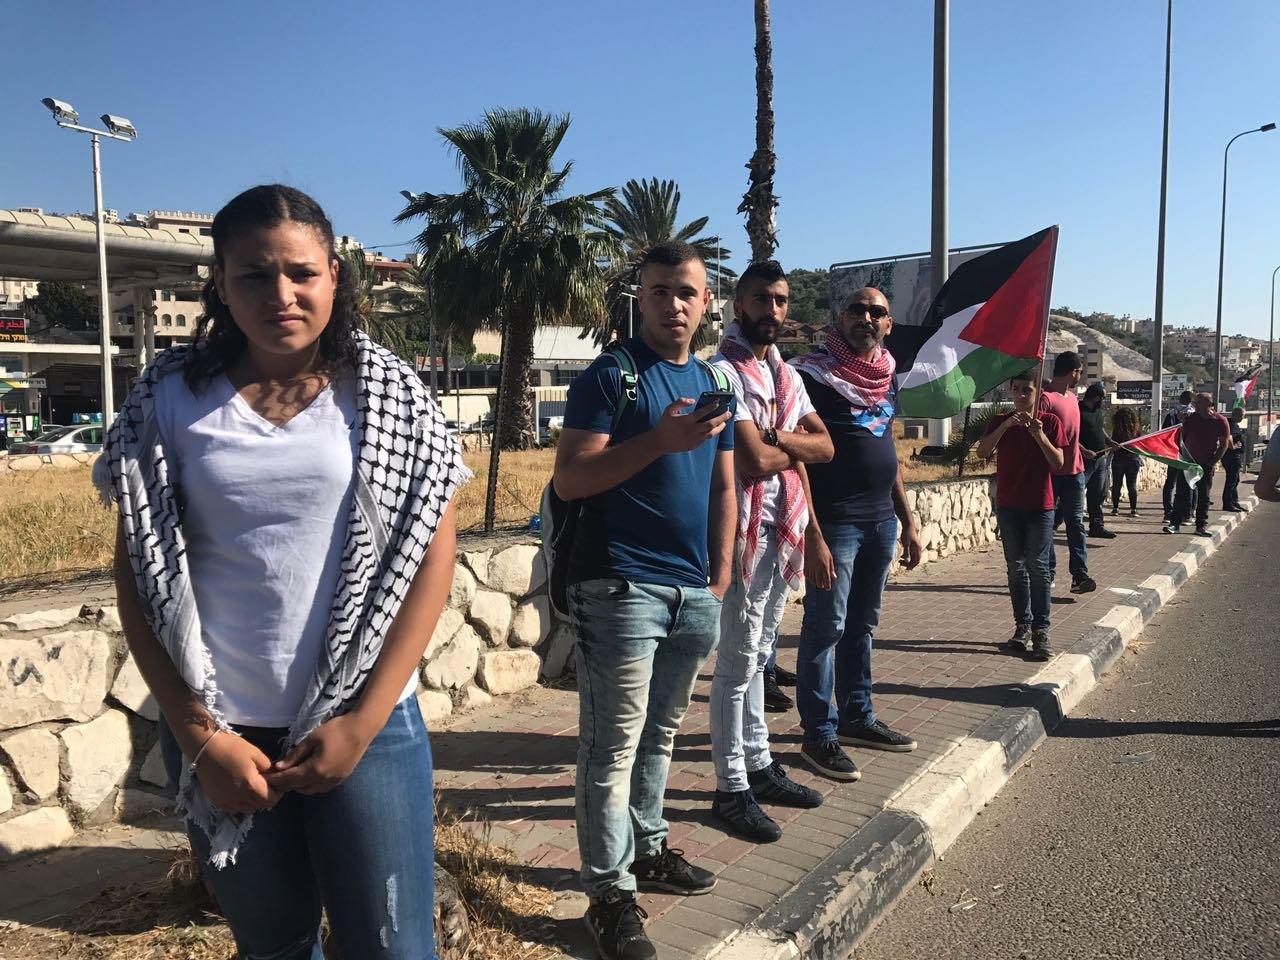 مظاهرة دعمًا للأسرى على مدخل مدينة أم الفحم